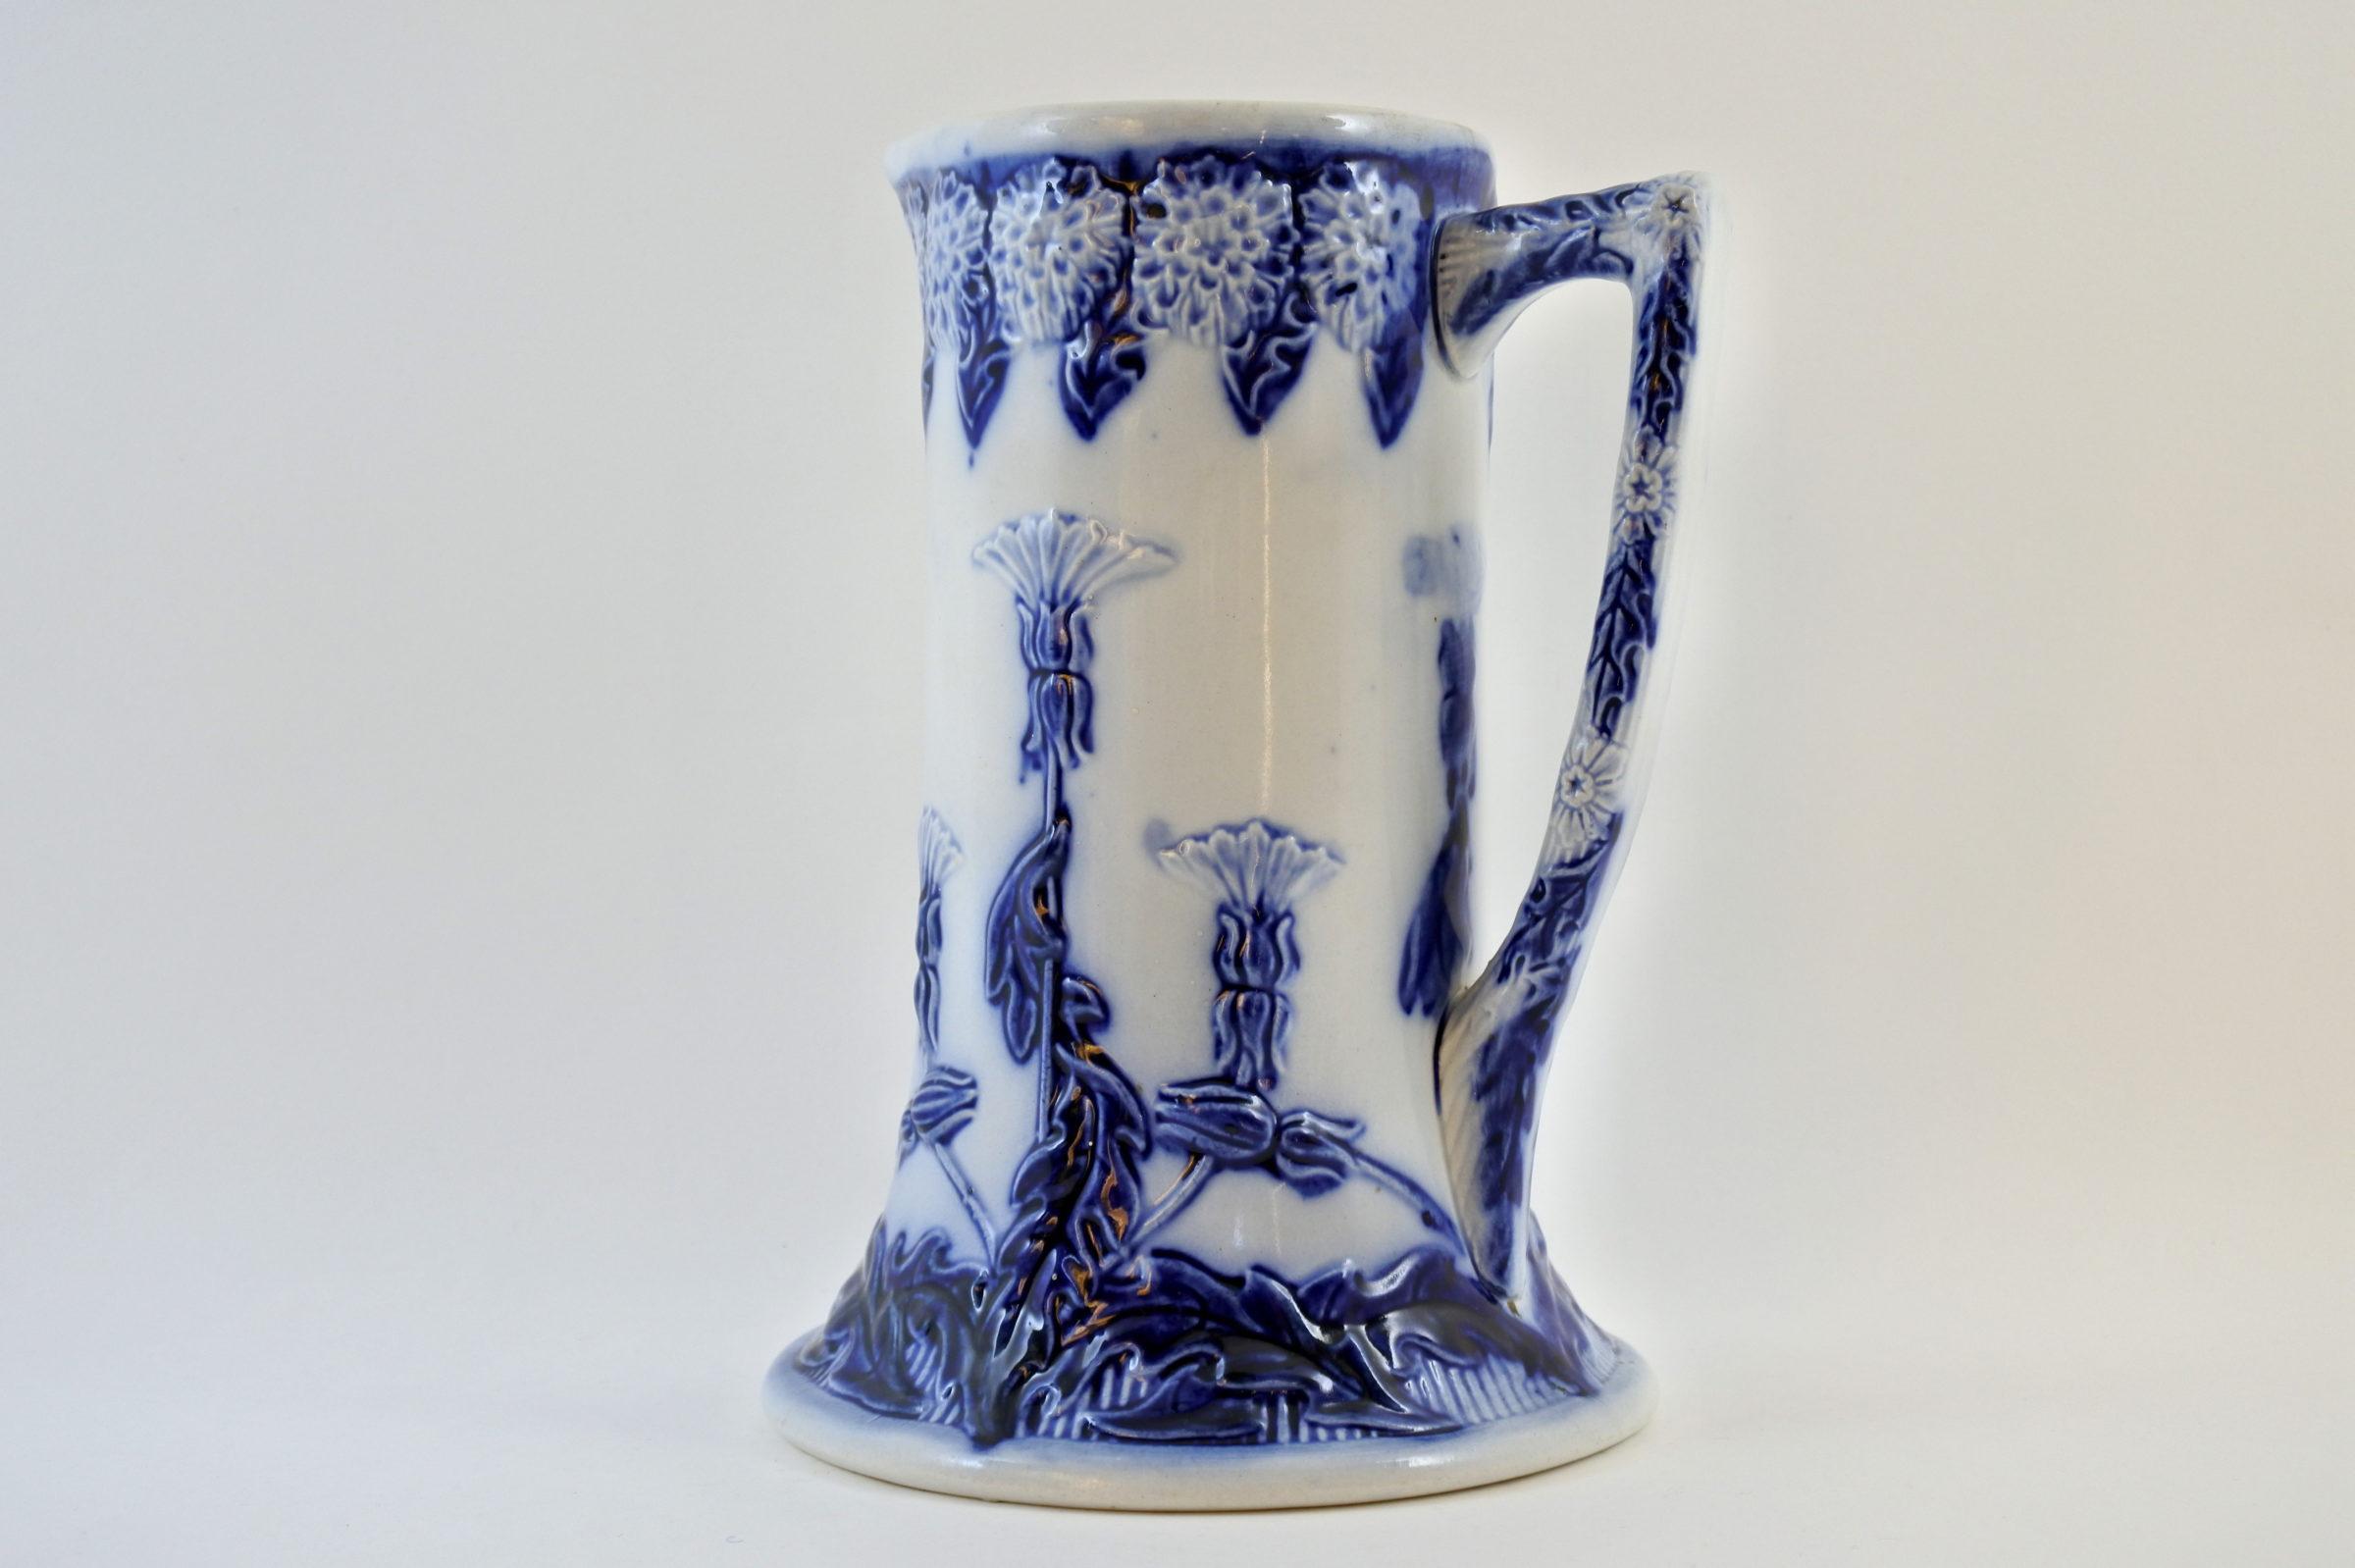 Brocca in ceramica barbotine con cardi monocromatici - Chardons